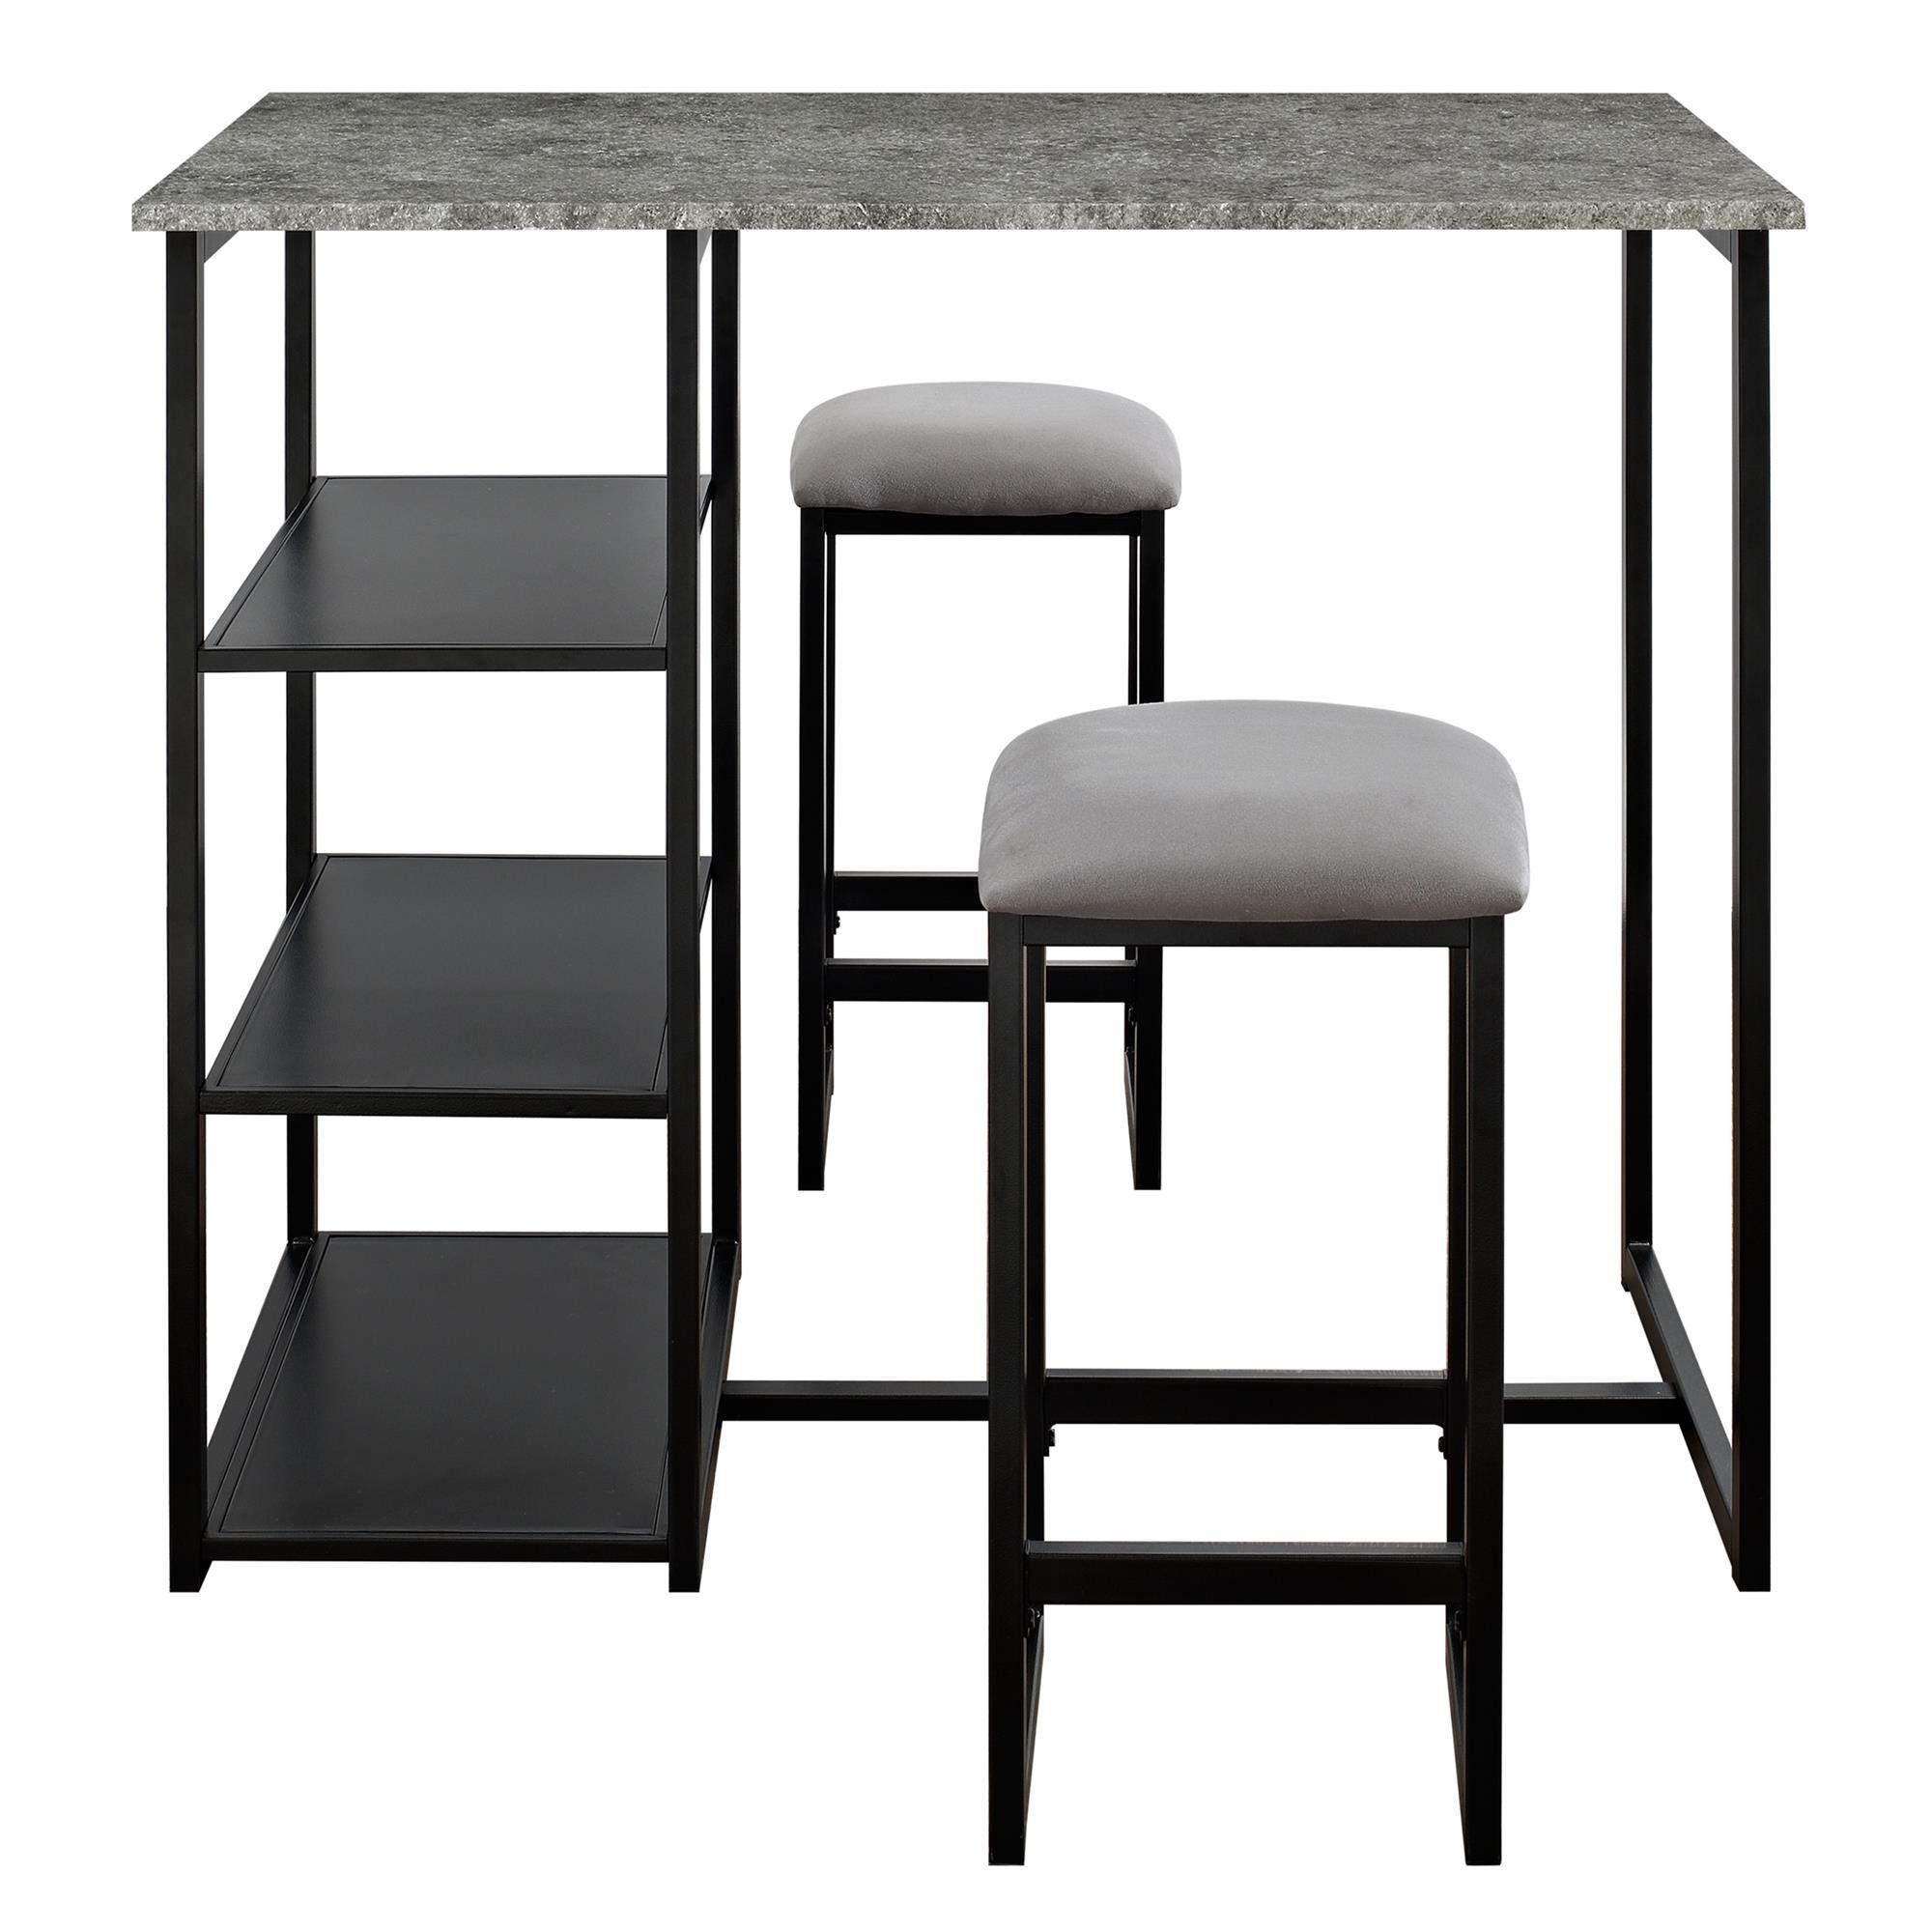 Dorel Living Farley 3-Piece Pub Set with Faux Concrete Top, Gray / Black